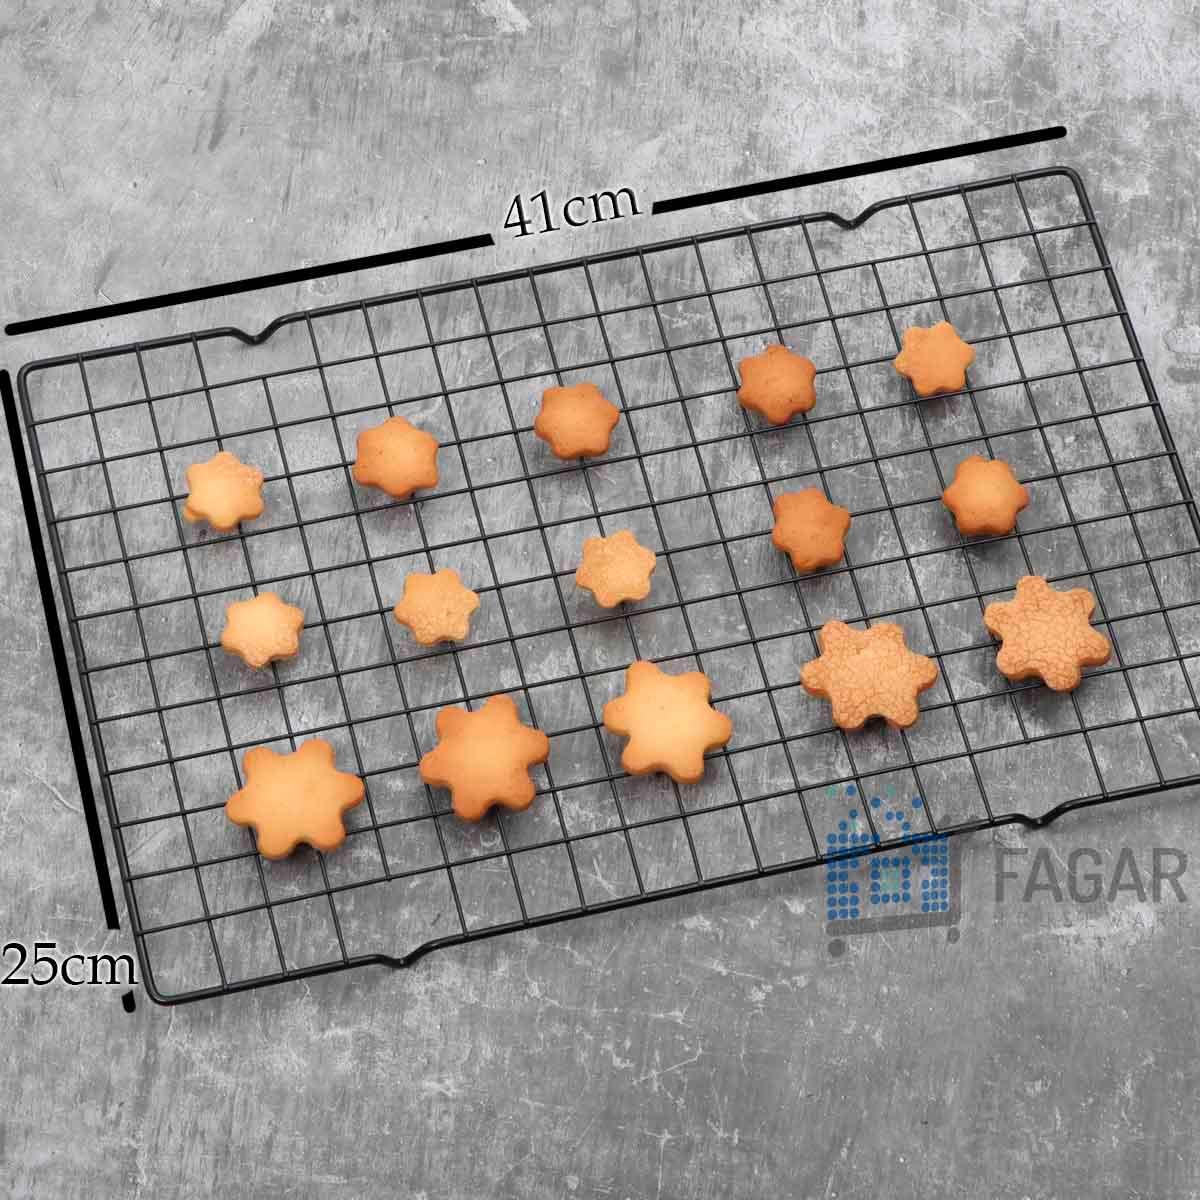 Grade antiaderente para resfriamento de bolos, doces, biscoitos, cupcakes e salgados